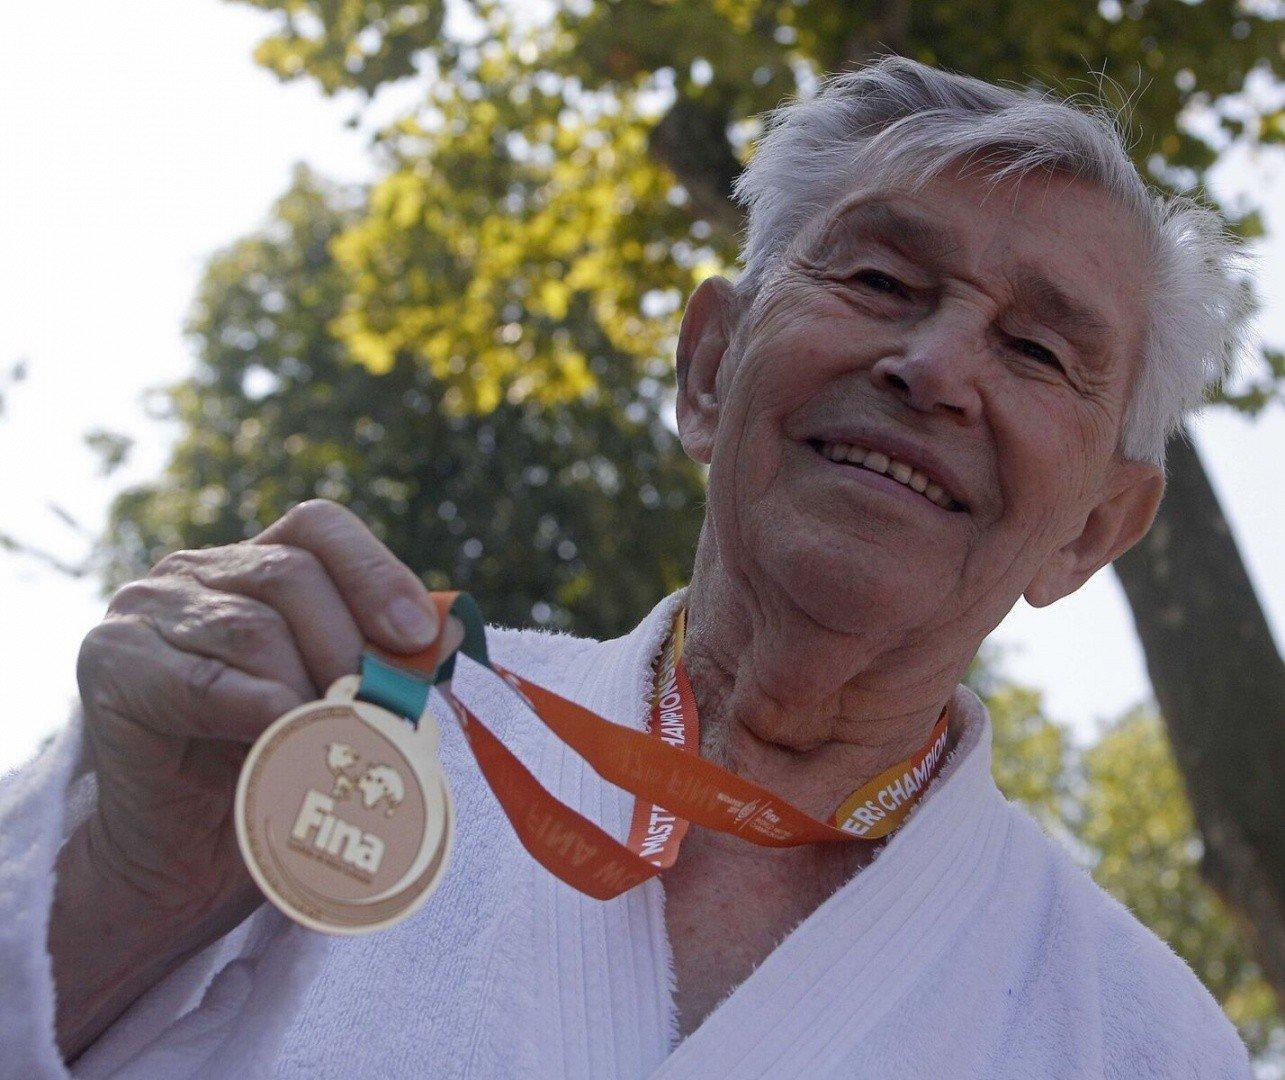 Aki legyőzte az időt: 97 évesen 19-edszer lett világbajnok a magyar úszó